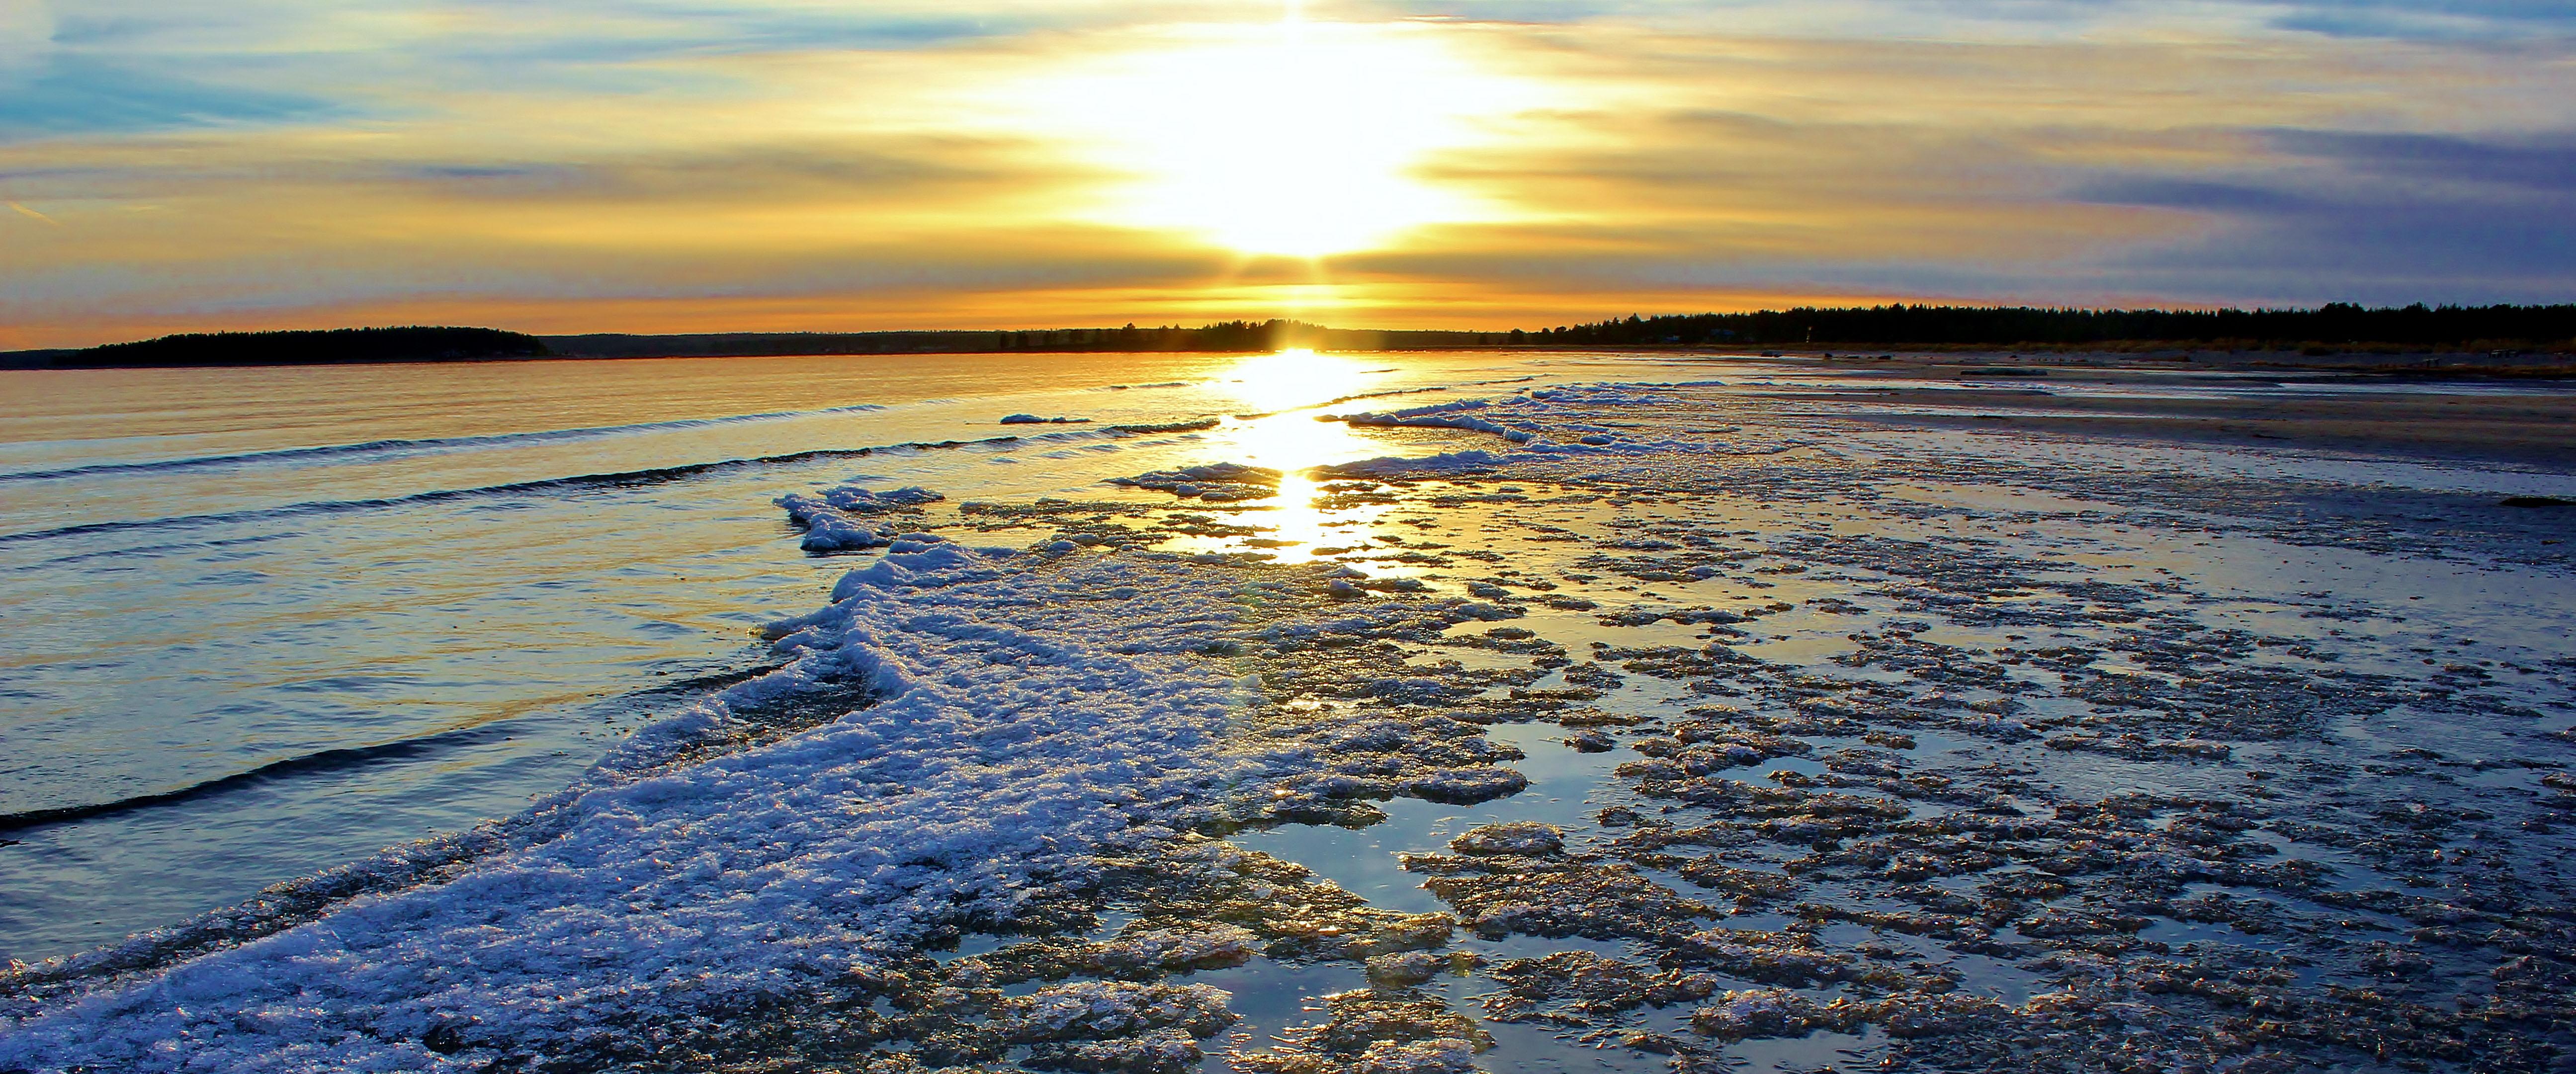 Sandängesstranden i vintersol